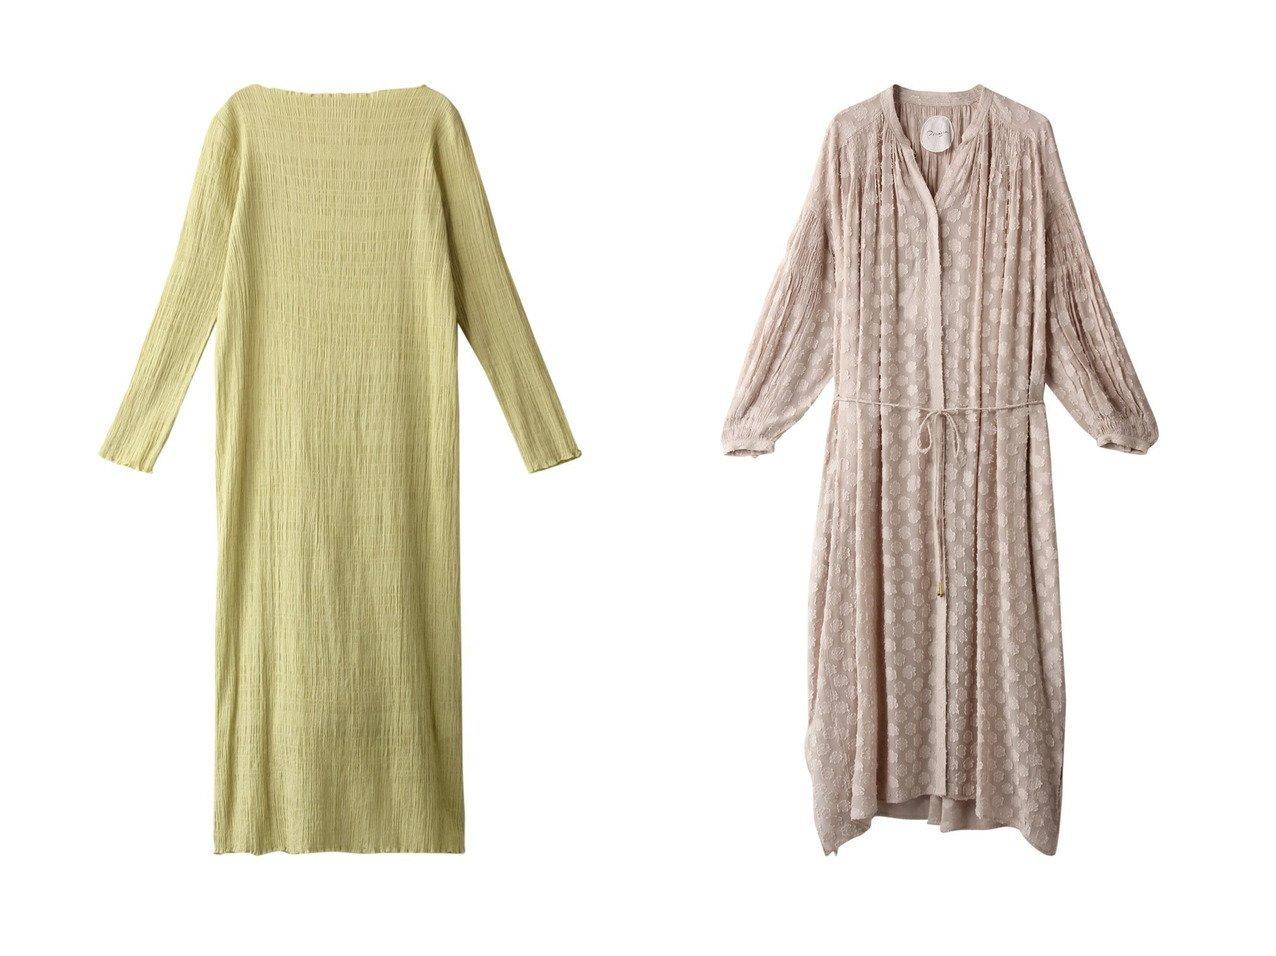 【Pheeta/フィータ】のVera ボートネッククレープドレス&Chloe カットジャカードロングドレス ワンピース・ドレスのおすすめ!人気、トレンド・レディースファッションの通販 おすすめで人気の流行・トレンド、ファッションの通販商品 メンズファッション・キッズファッション・インテリア・家具・レディースファッション・服の通販 founy(ファニー) https://founy.com/ ファッション Fashion レディースファッション WOMEN ワンピース Dress ドレス Party Dresses 2021年 2021 2021 春夏 S/S SS Spring/Summer 2021 S/S 春夏 SS Spring/Summer ジュエリー ドレス ロング 春 Spring ジャカード 羽織 |ID:crp329100000013076